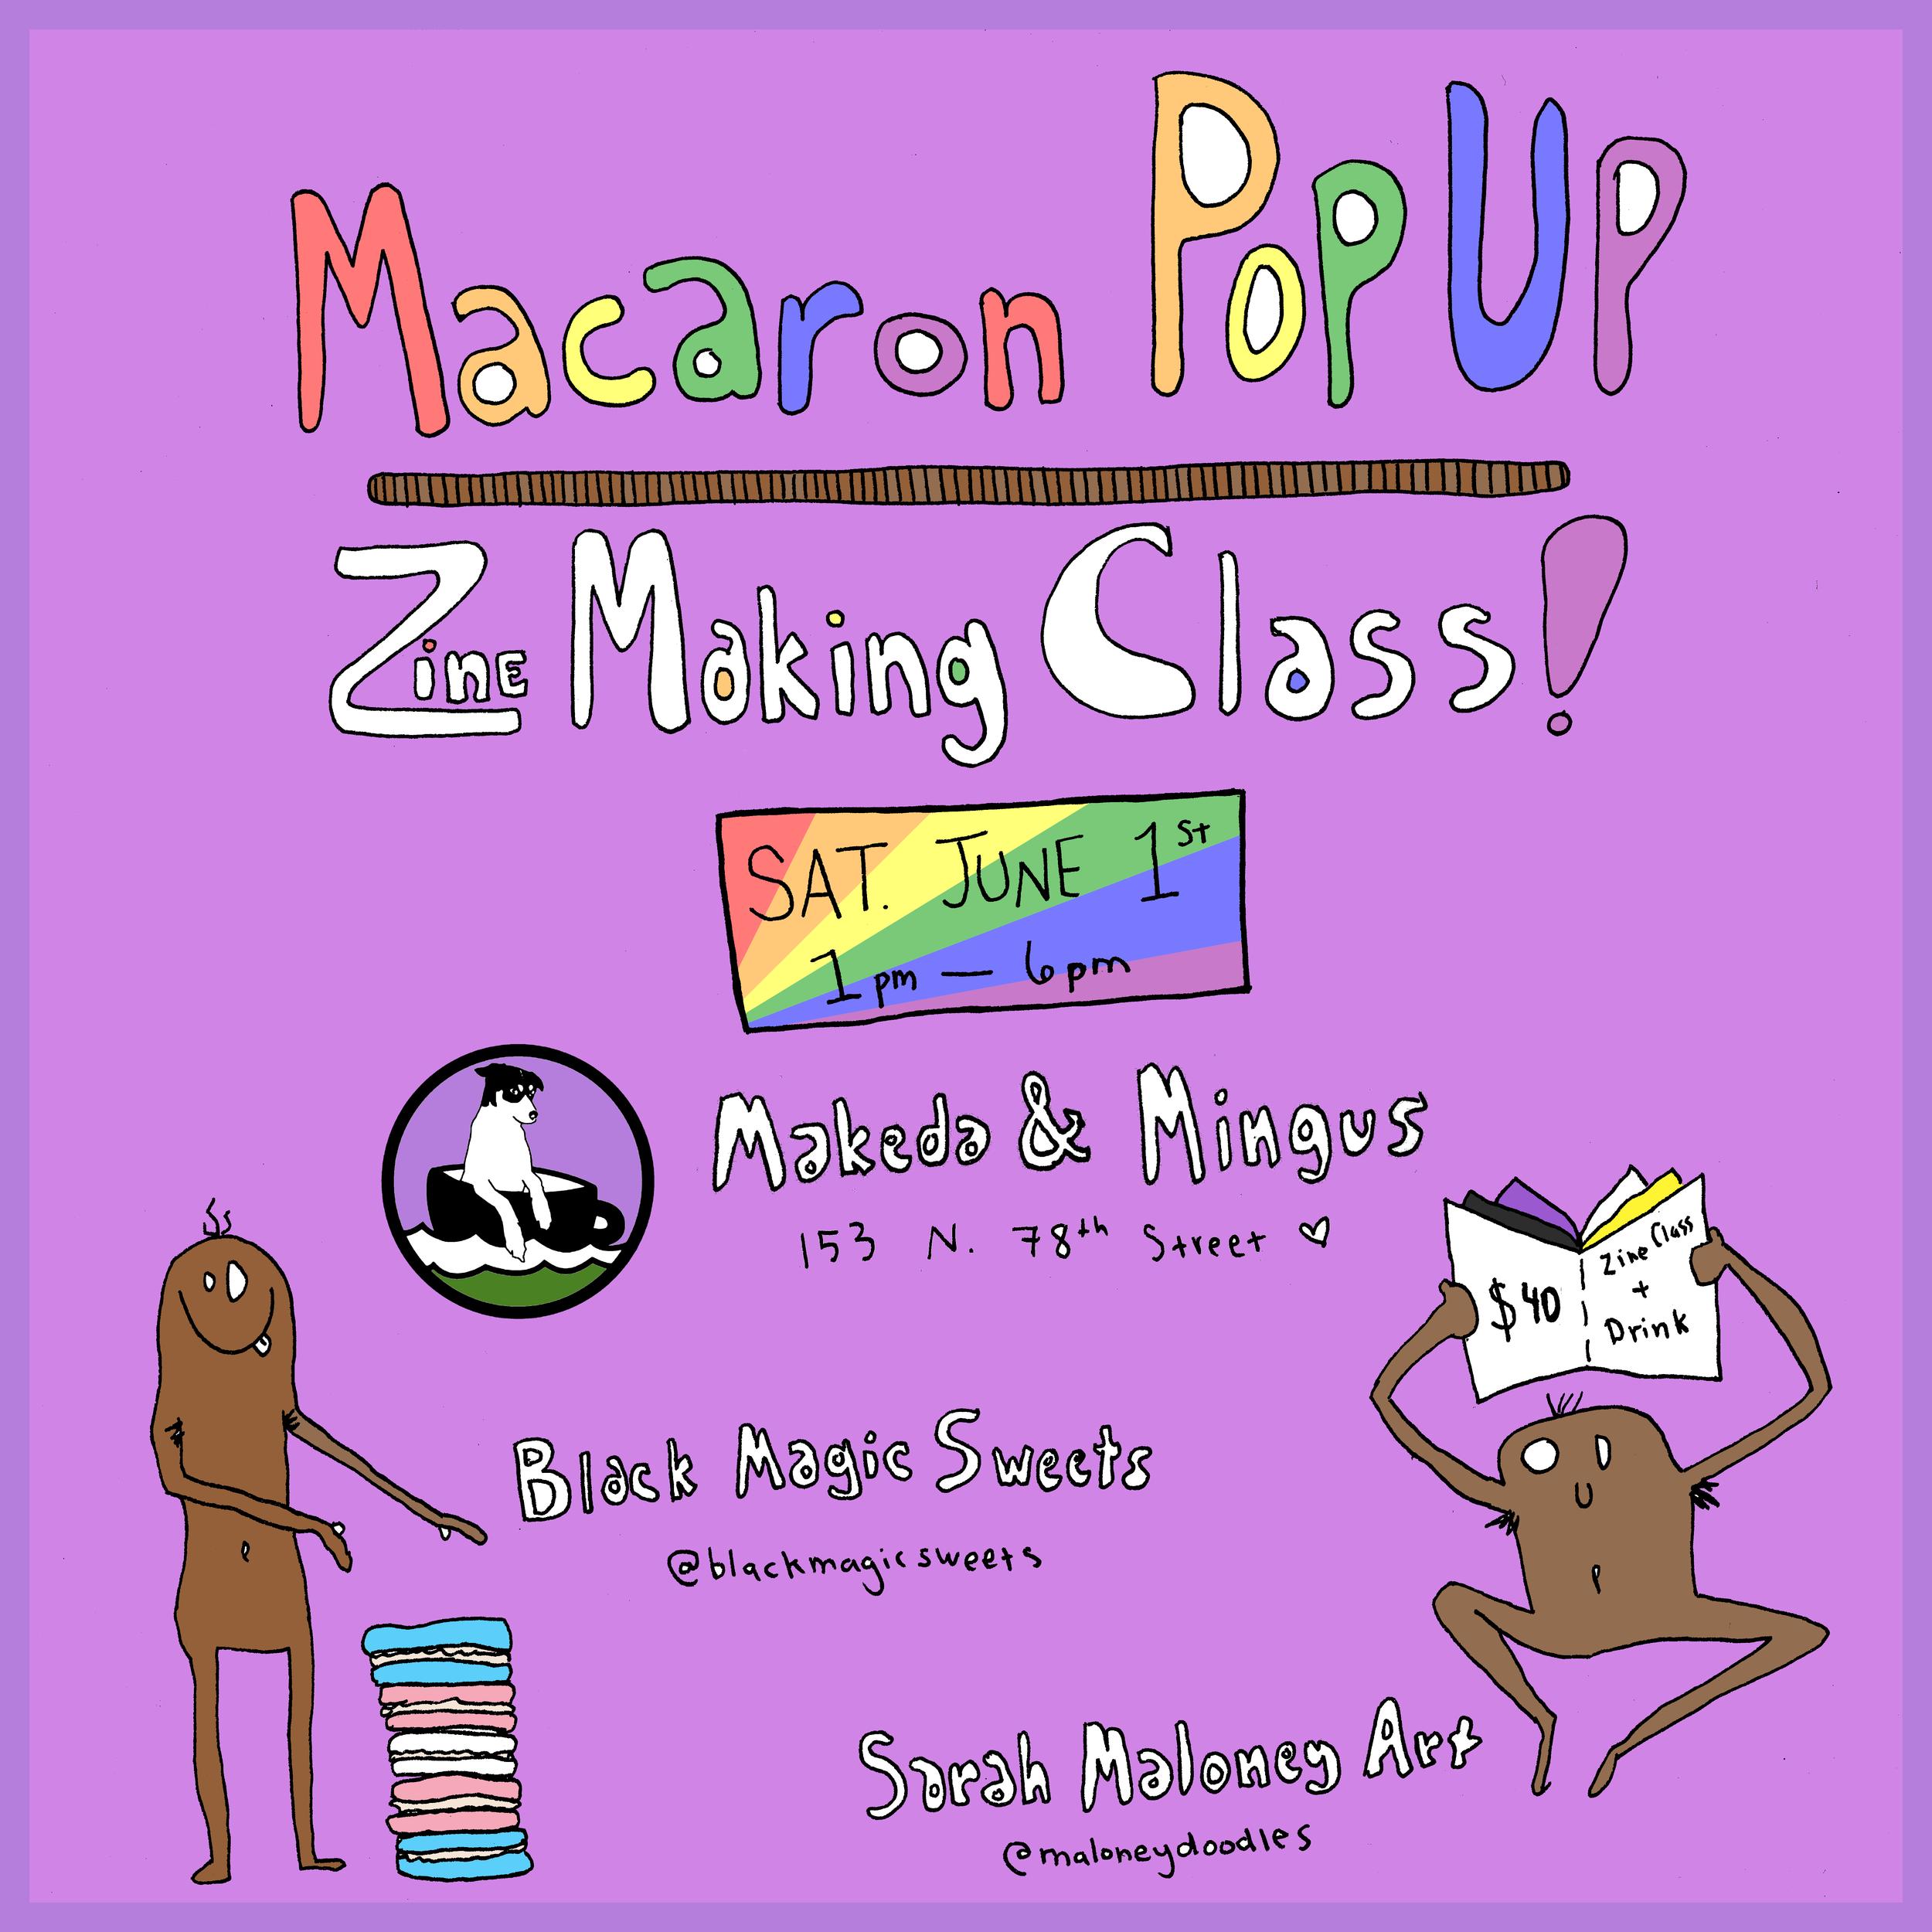 MacaronPopupzinemakingclass_square.png